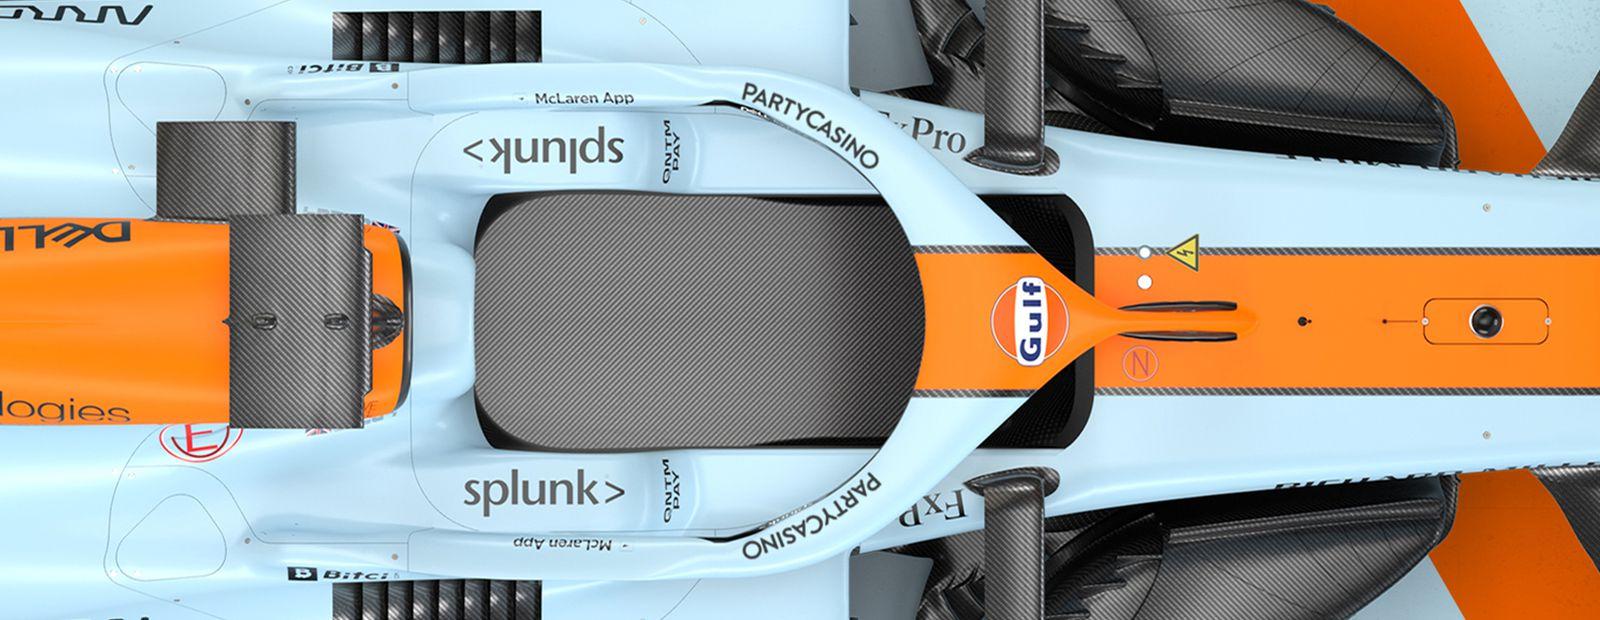 Le pilote de F1 Daniel Ricciardo est la vedette d'une série vidéo Partypoker intitulée «See the Unseen»